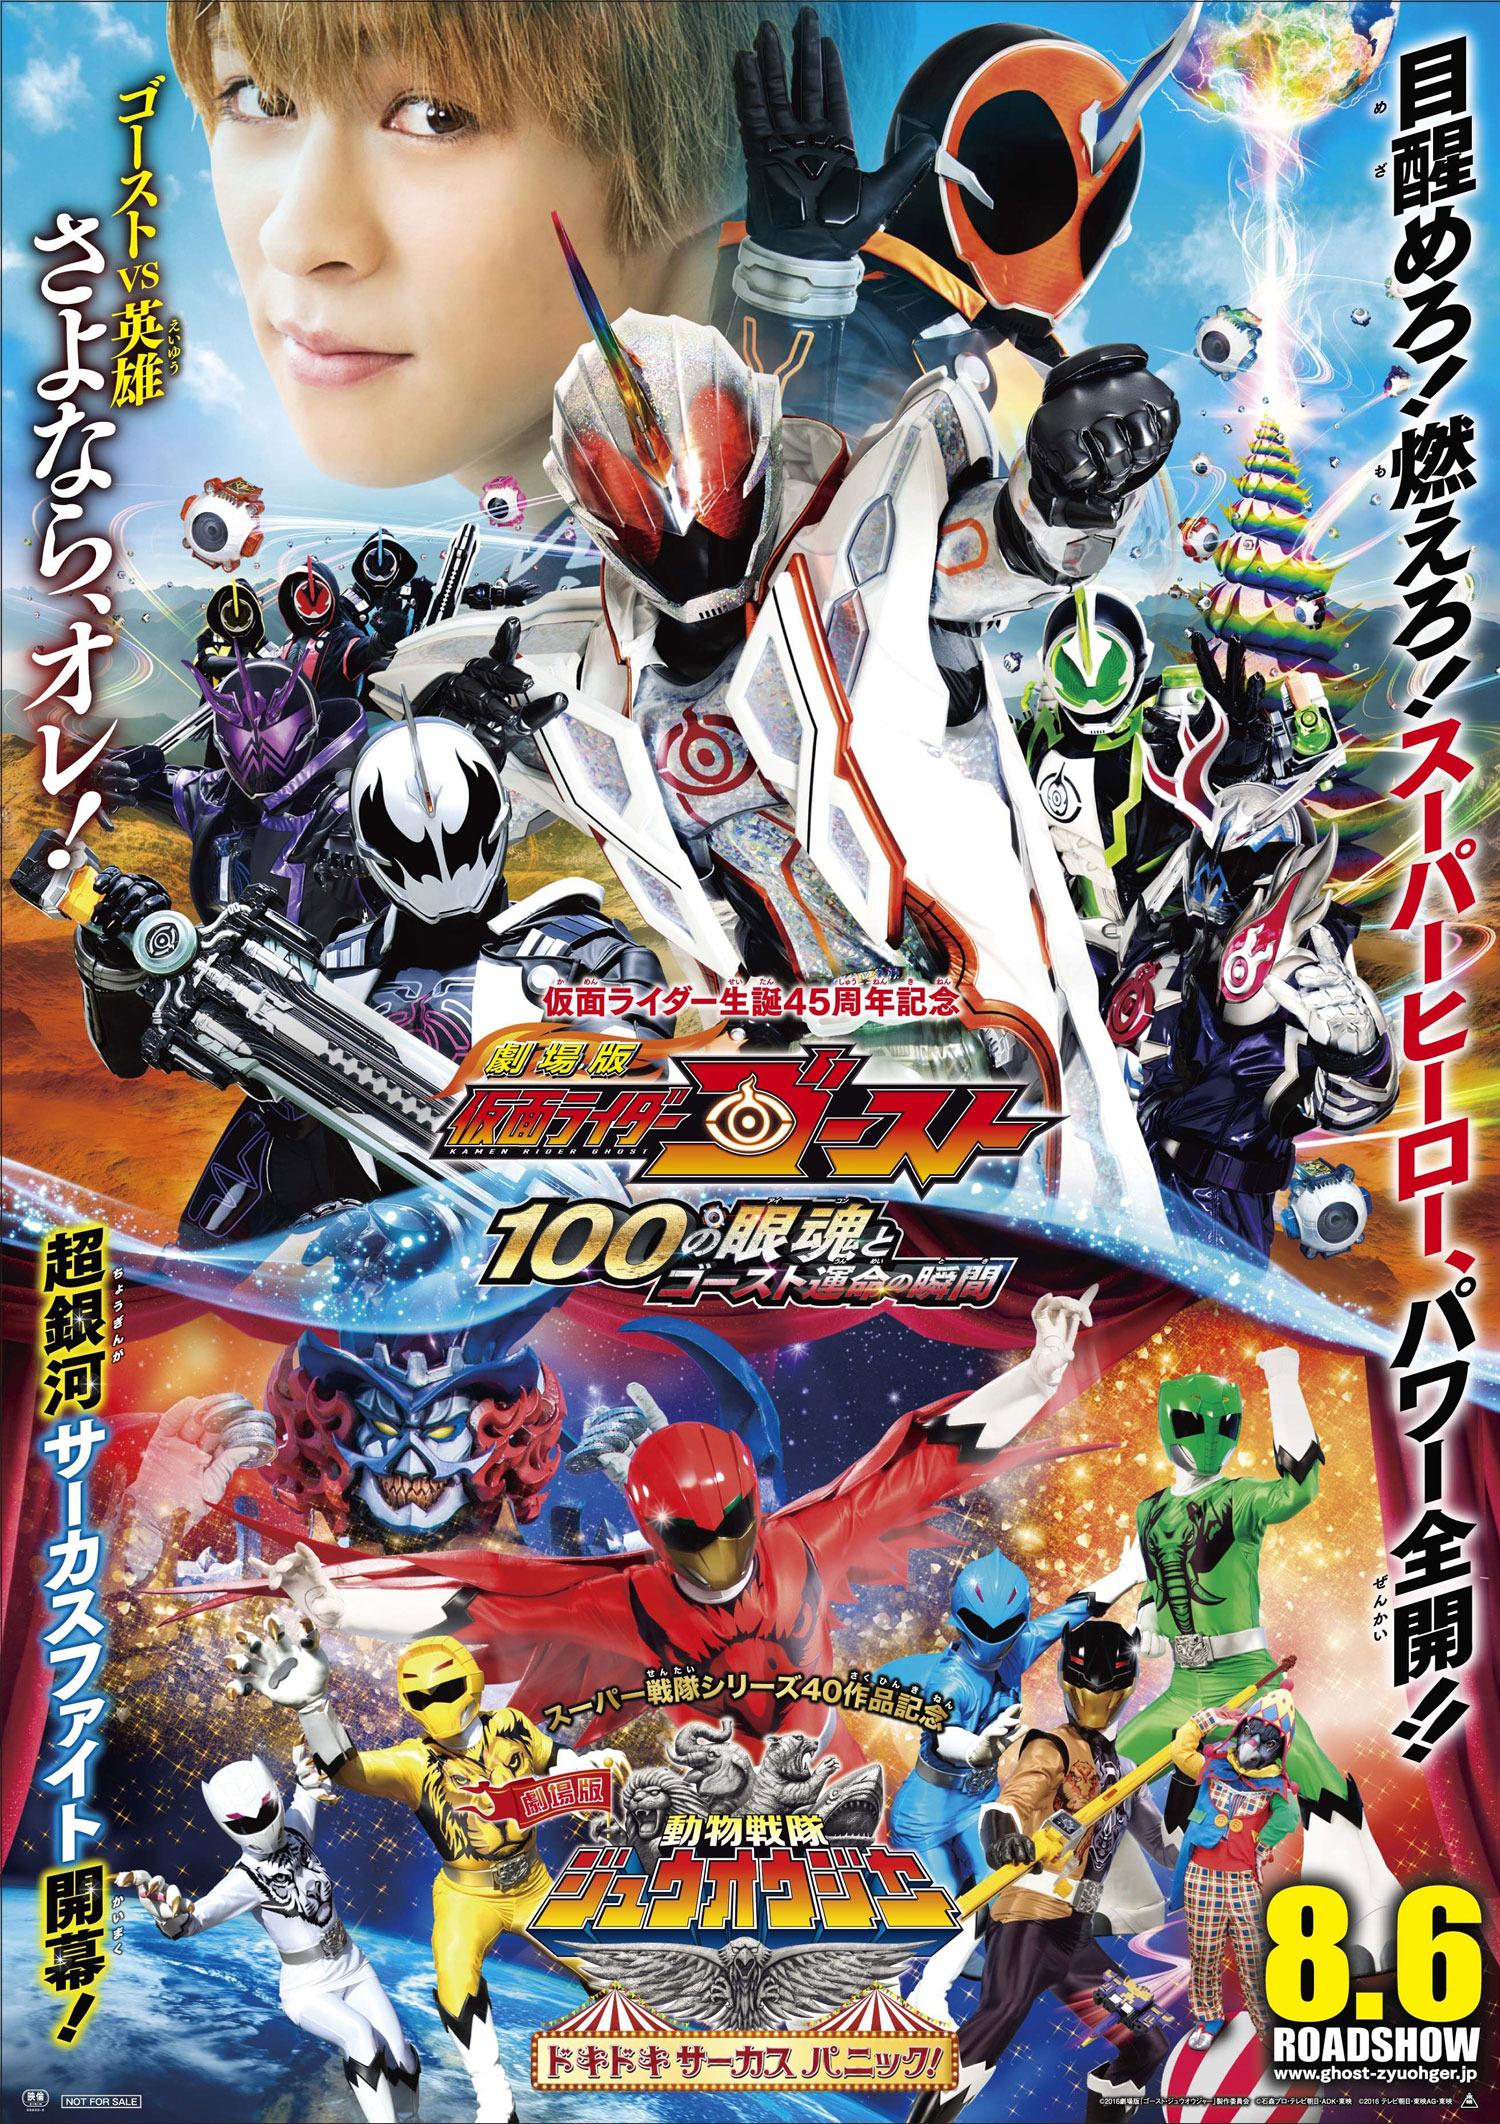 仮面ライダーゴースト 大沢ひかる 集大成 の劇場版は 最高にカッコ